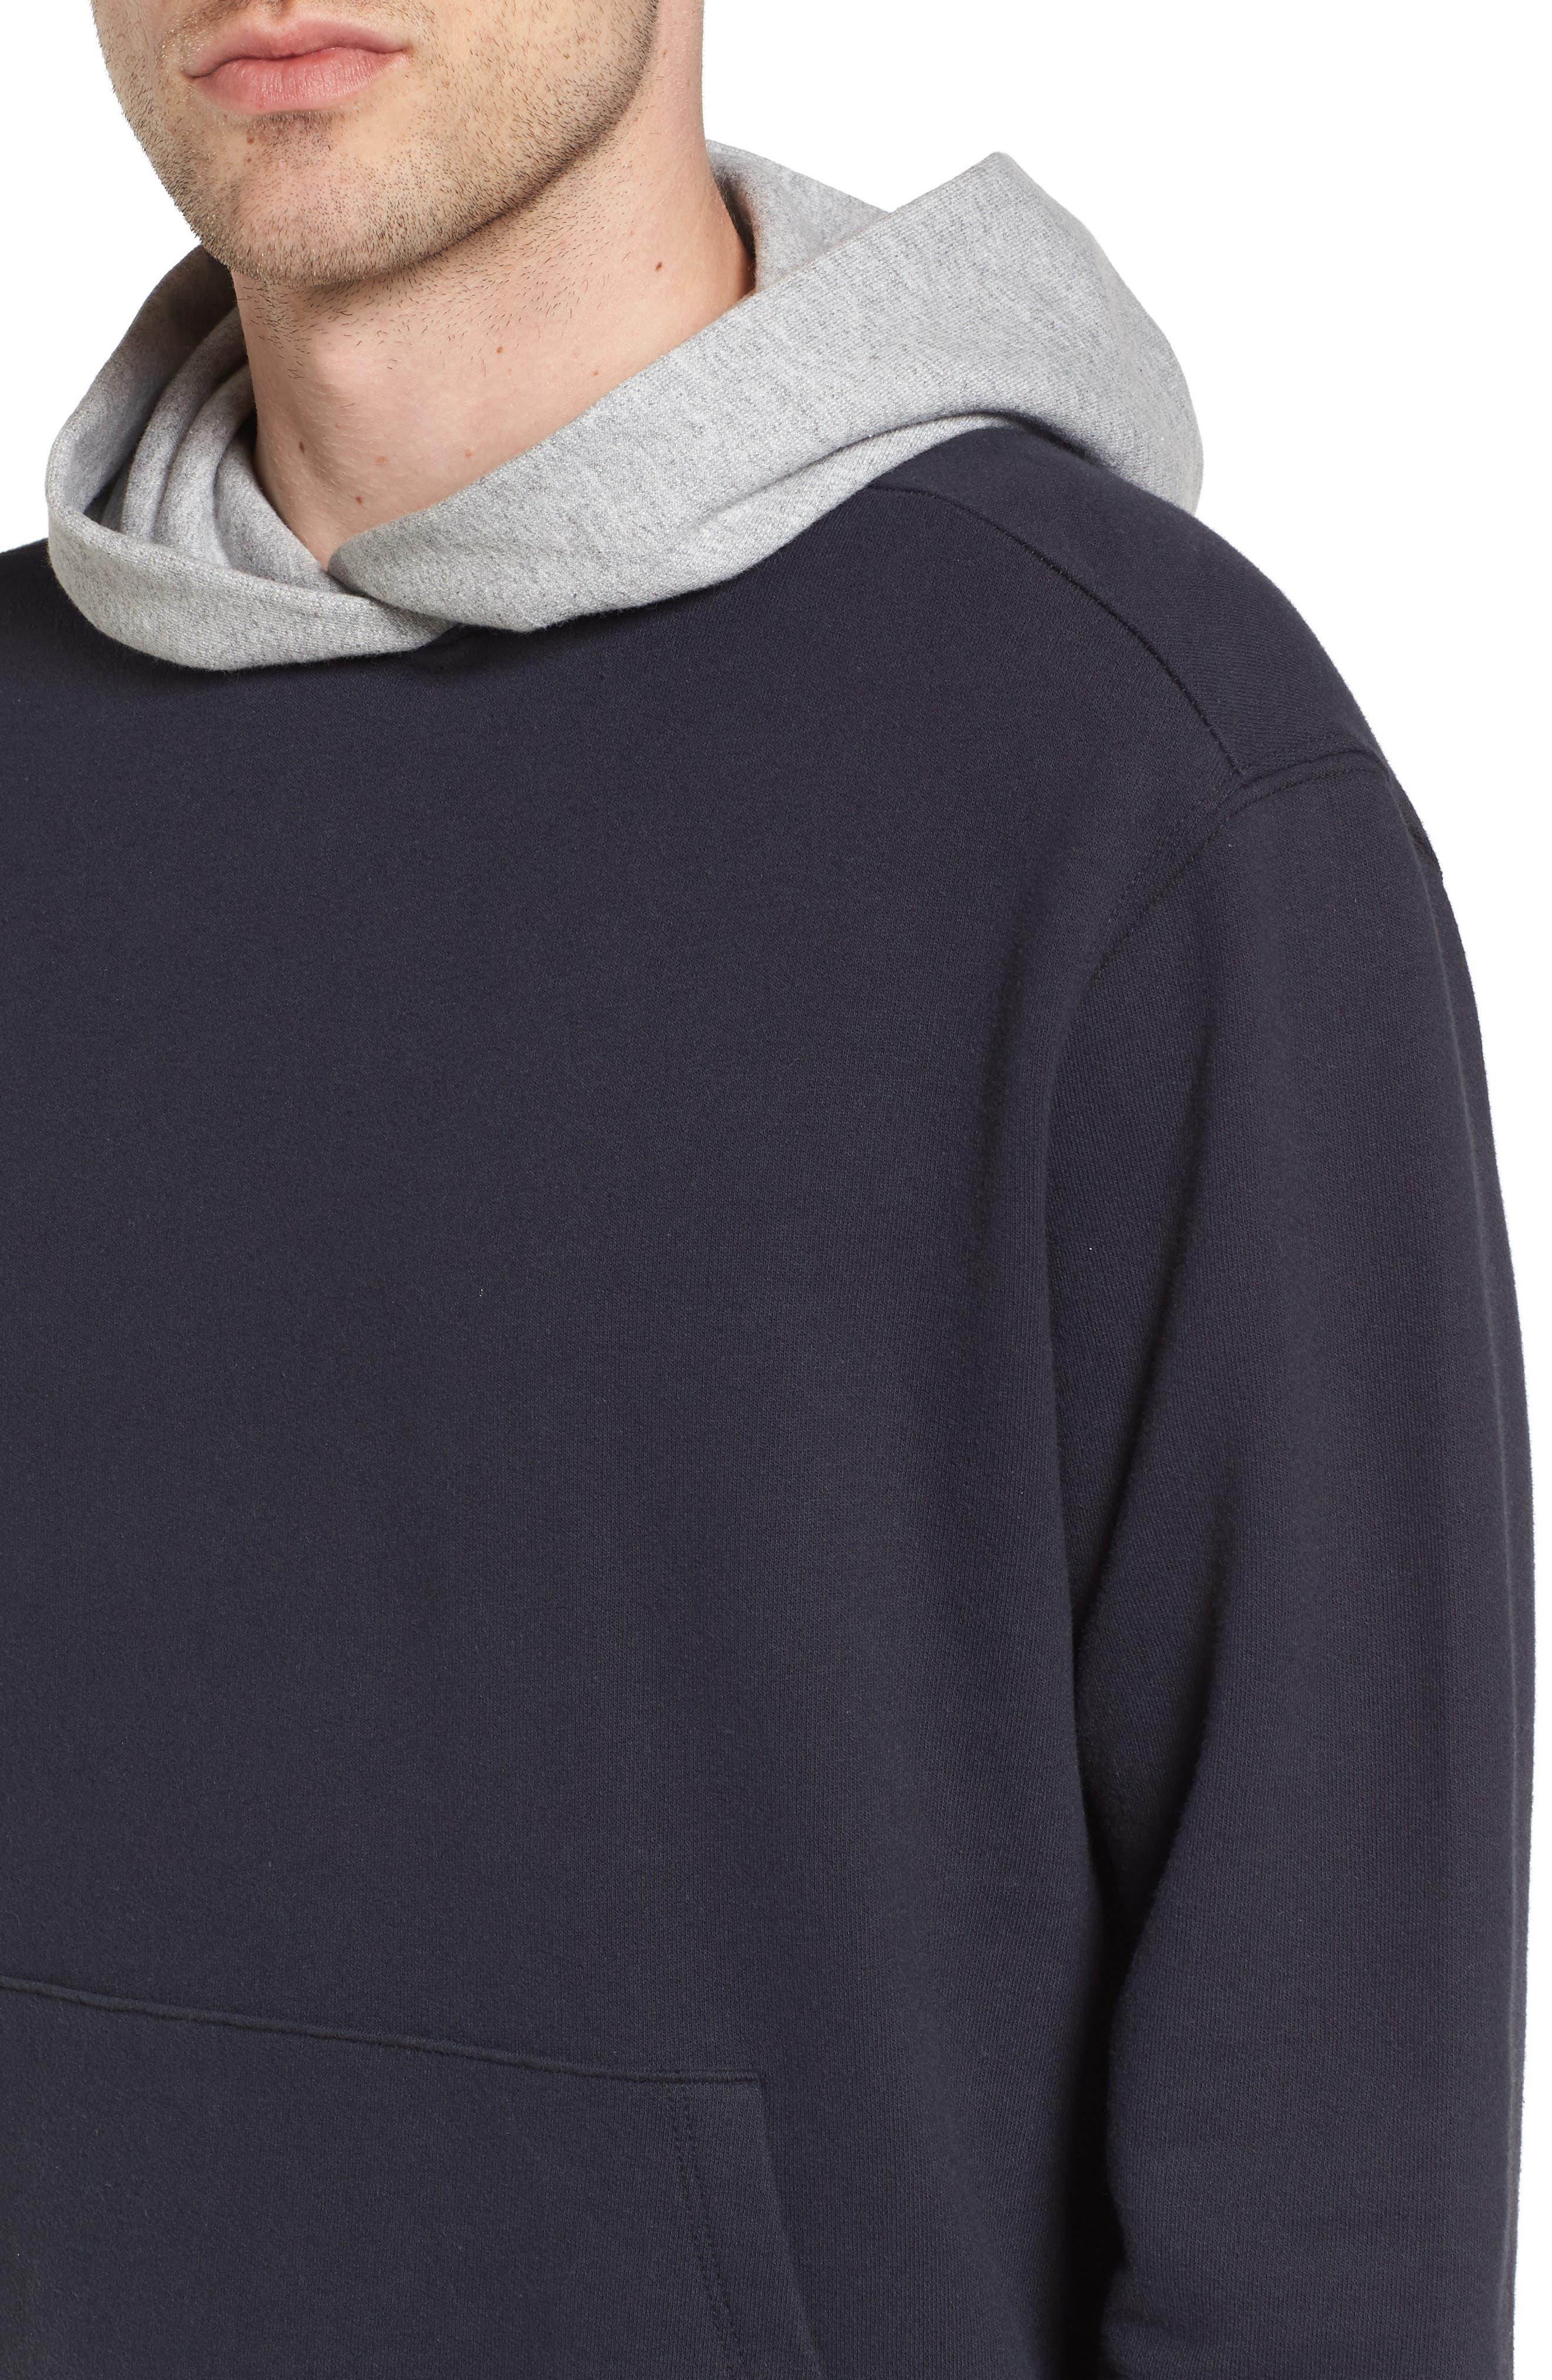 Colorblock Hoodie Sweatshirt,                             Alternate thumbnail 4, color,                             001